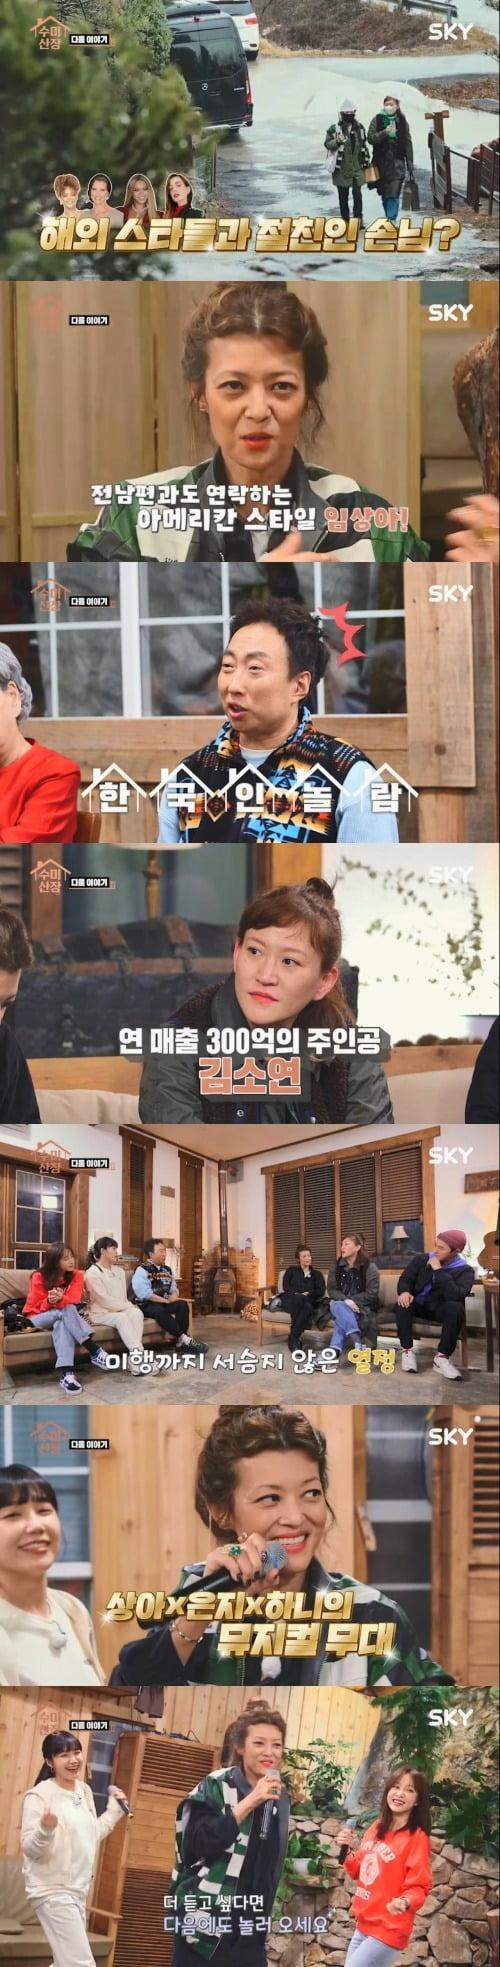 '수미산장'에 가수에서 패션사업가가 된 임상아, 김소연 에스팀 대표가 출연한다. / 사진제공=SKY, KBS